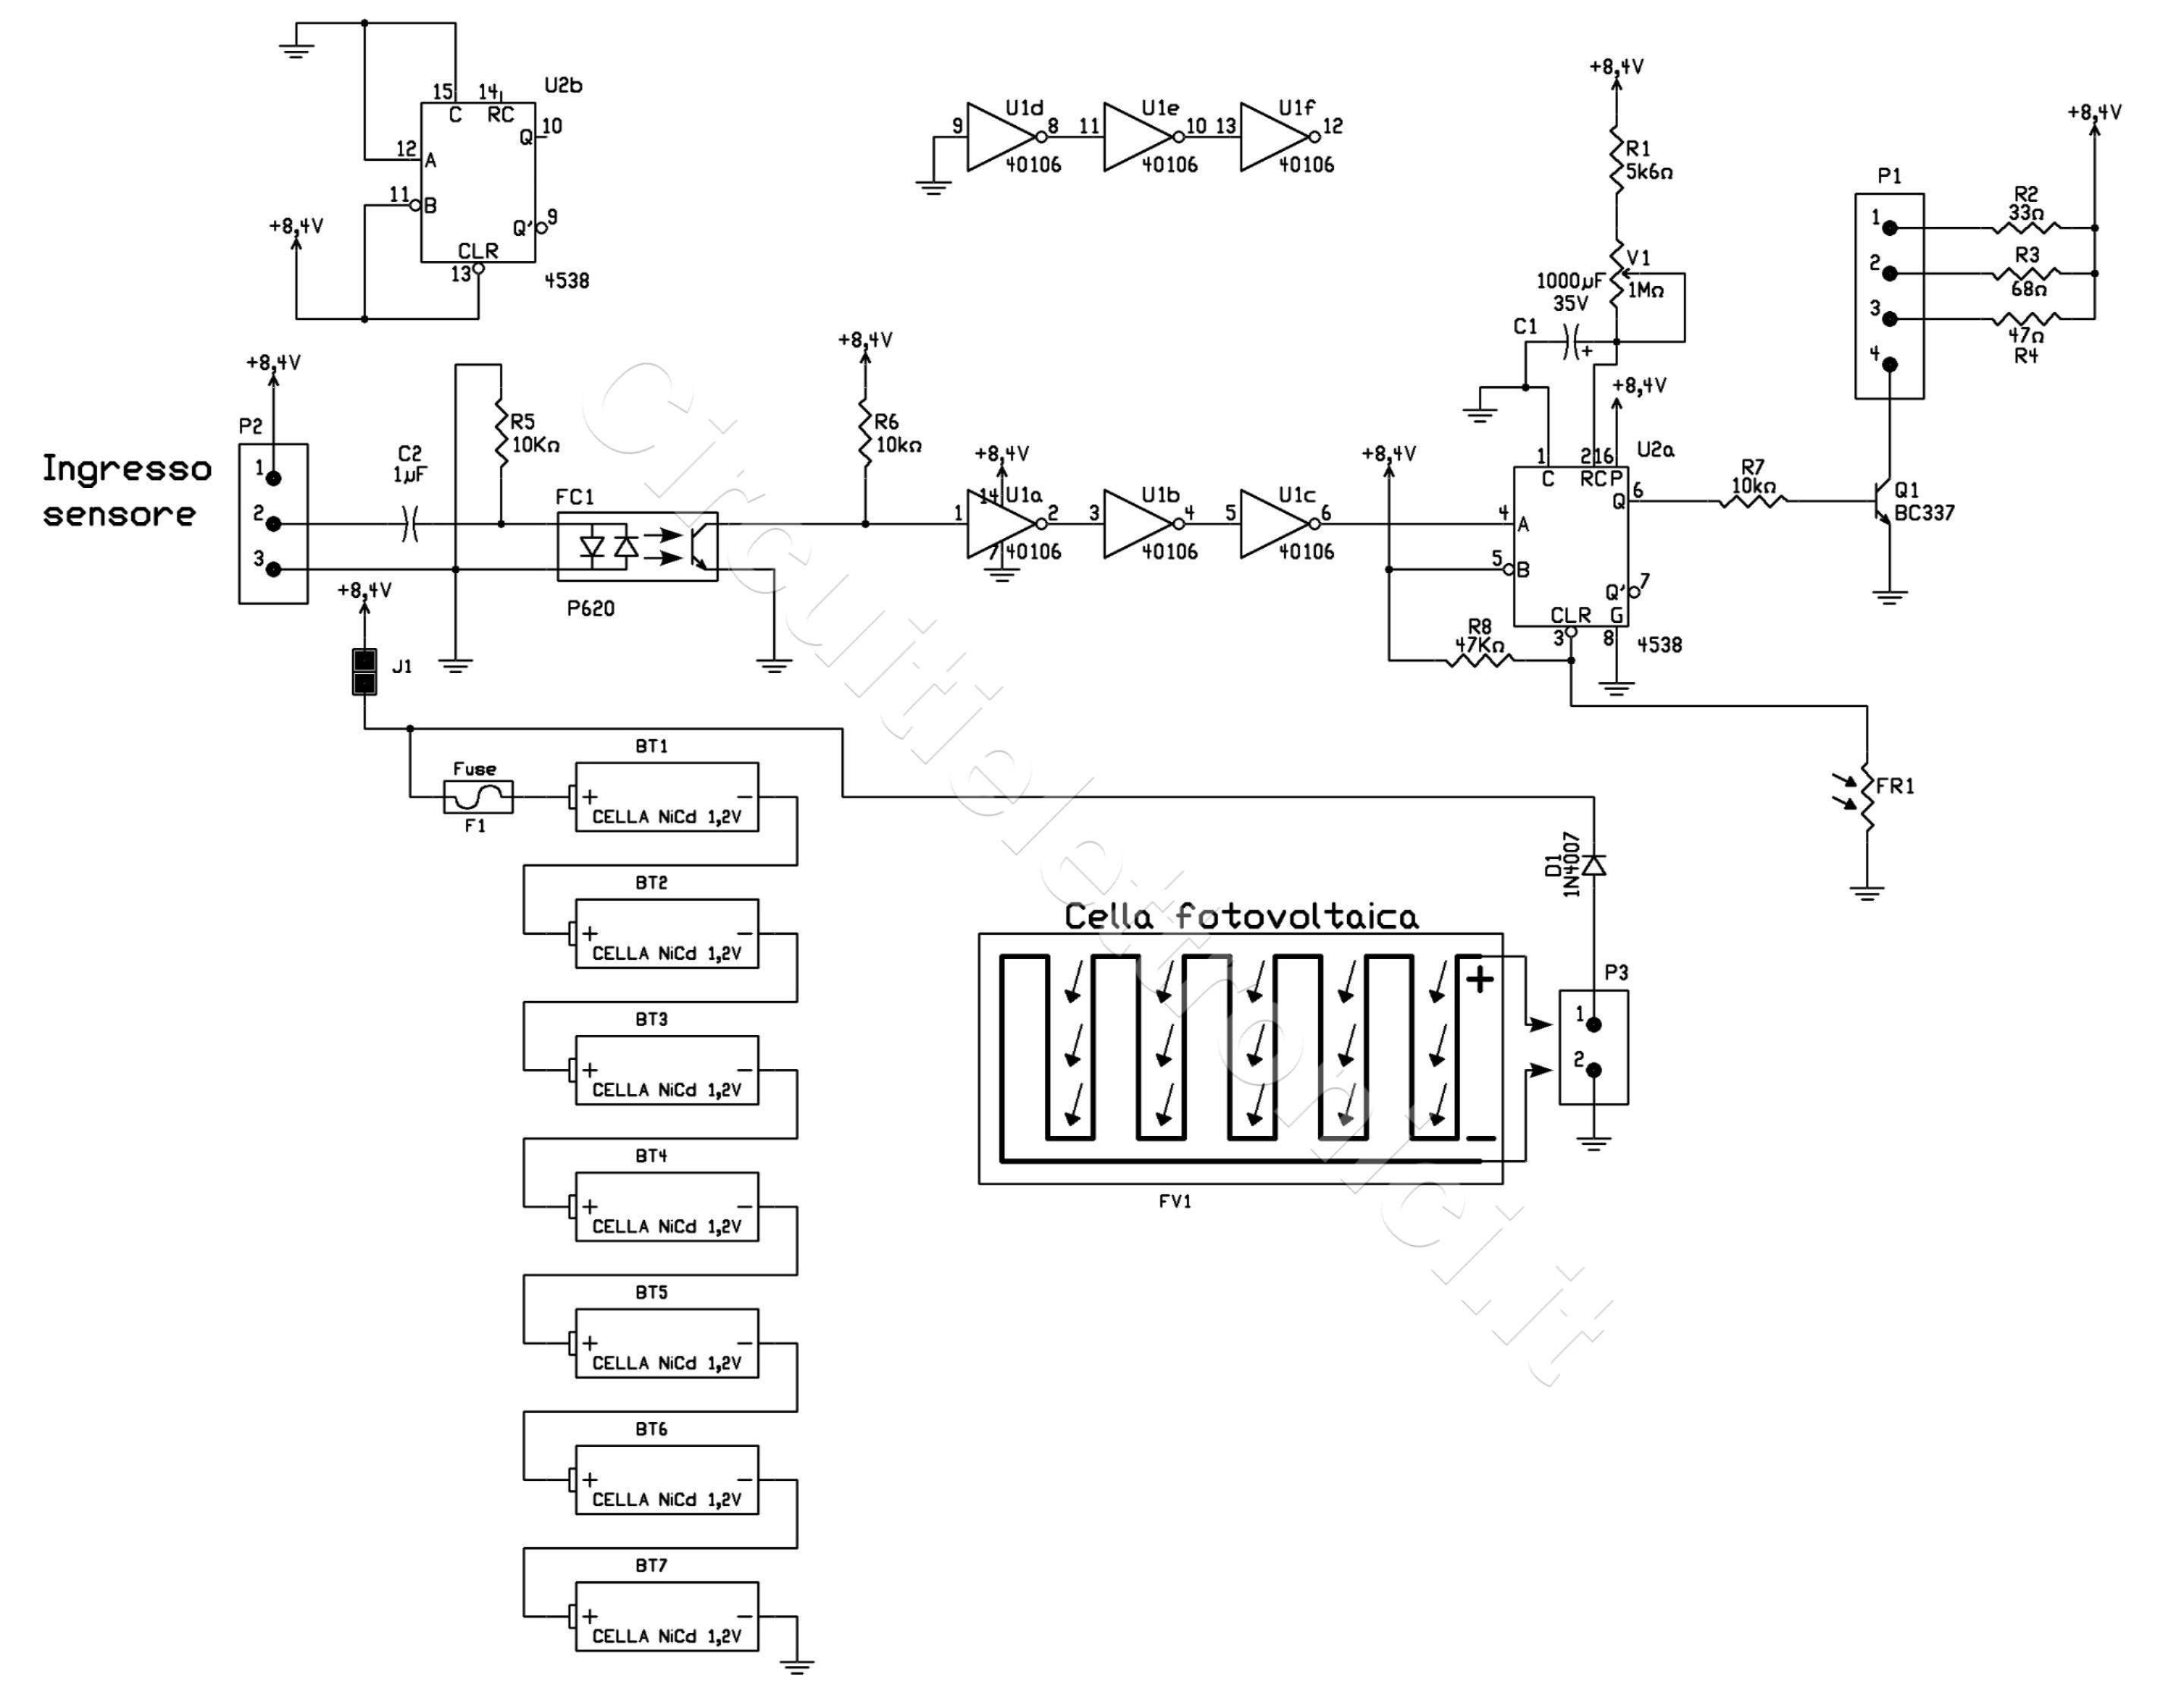 Schema Elettrico Lampada : Lampada per esterni alimentata ad energia solare circuitielettronici